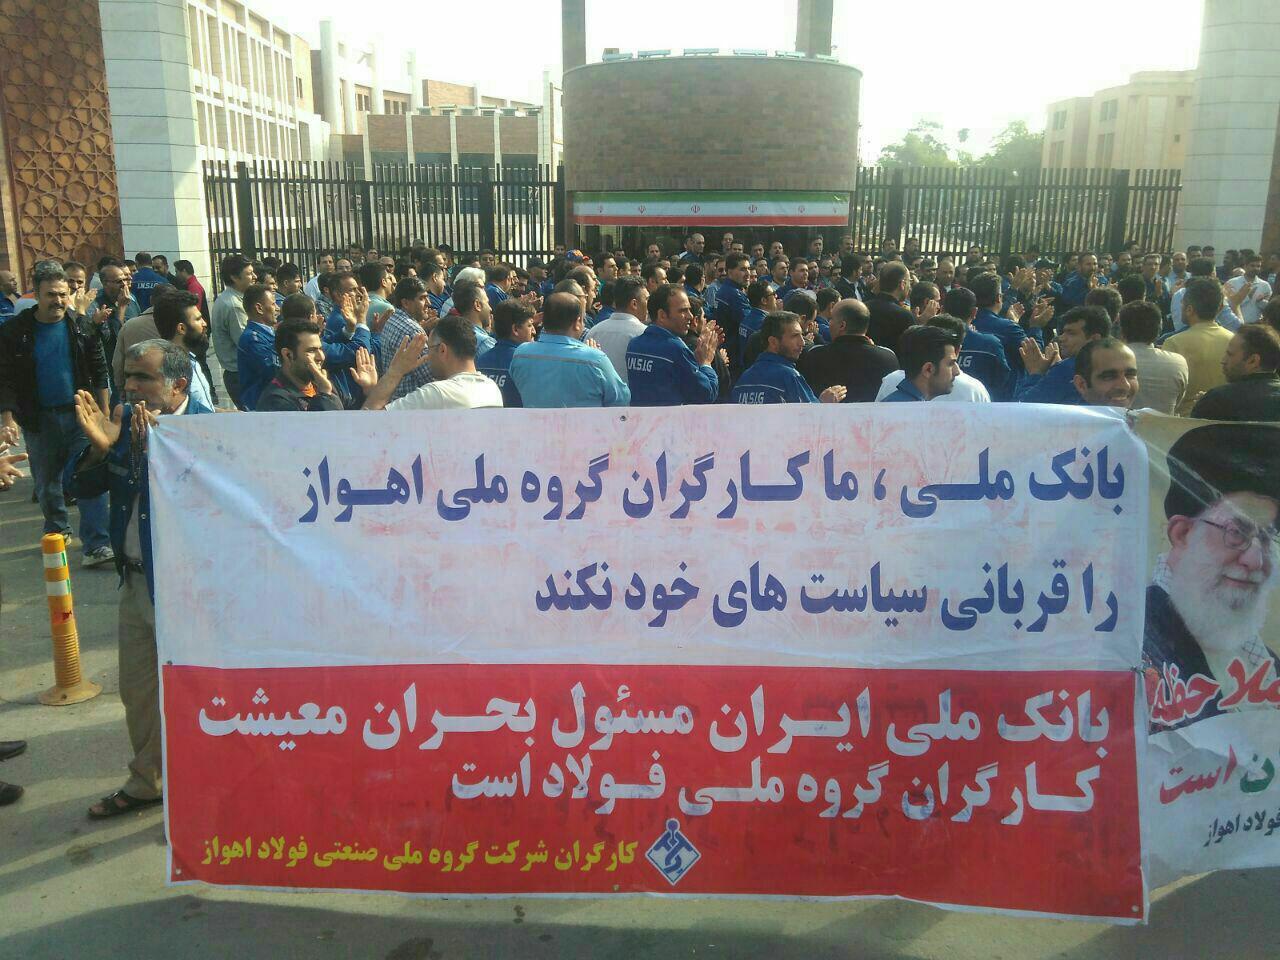 انجمن شرکت گروه ملی صنعتی فولاد ایران   کارگران گروه ملی اهواز